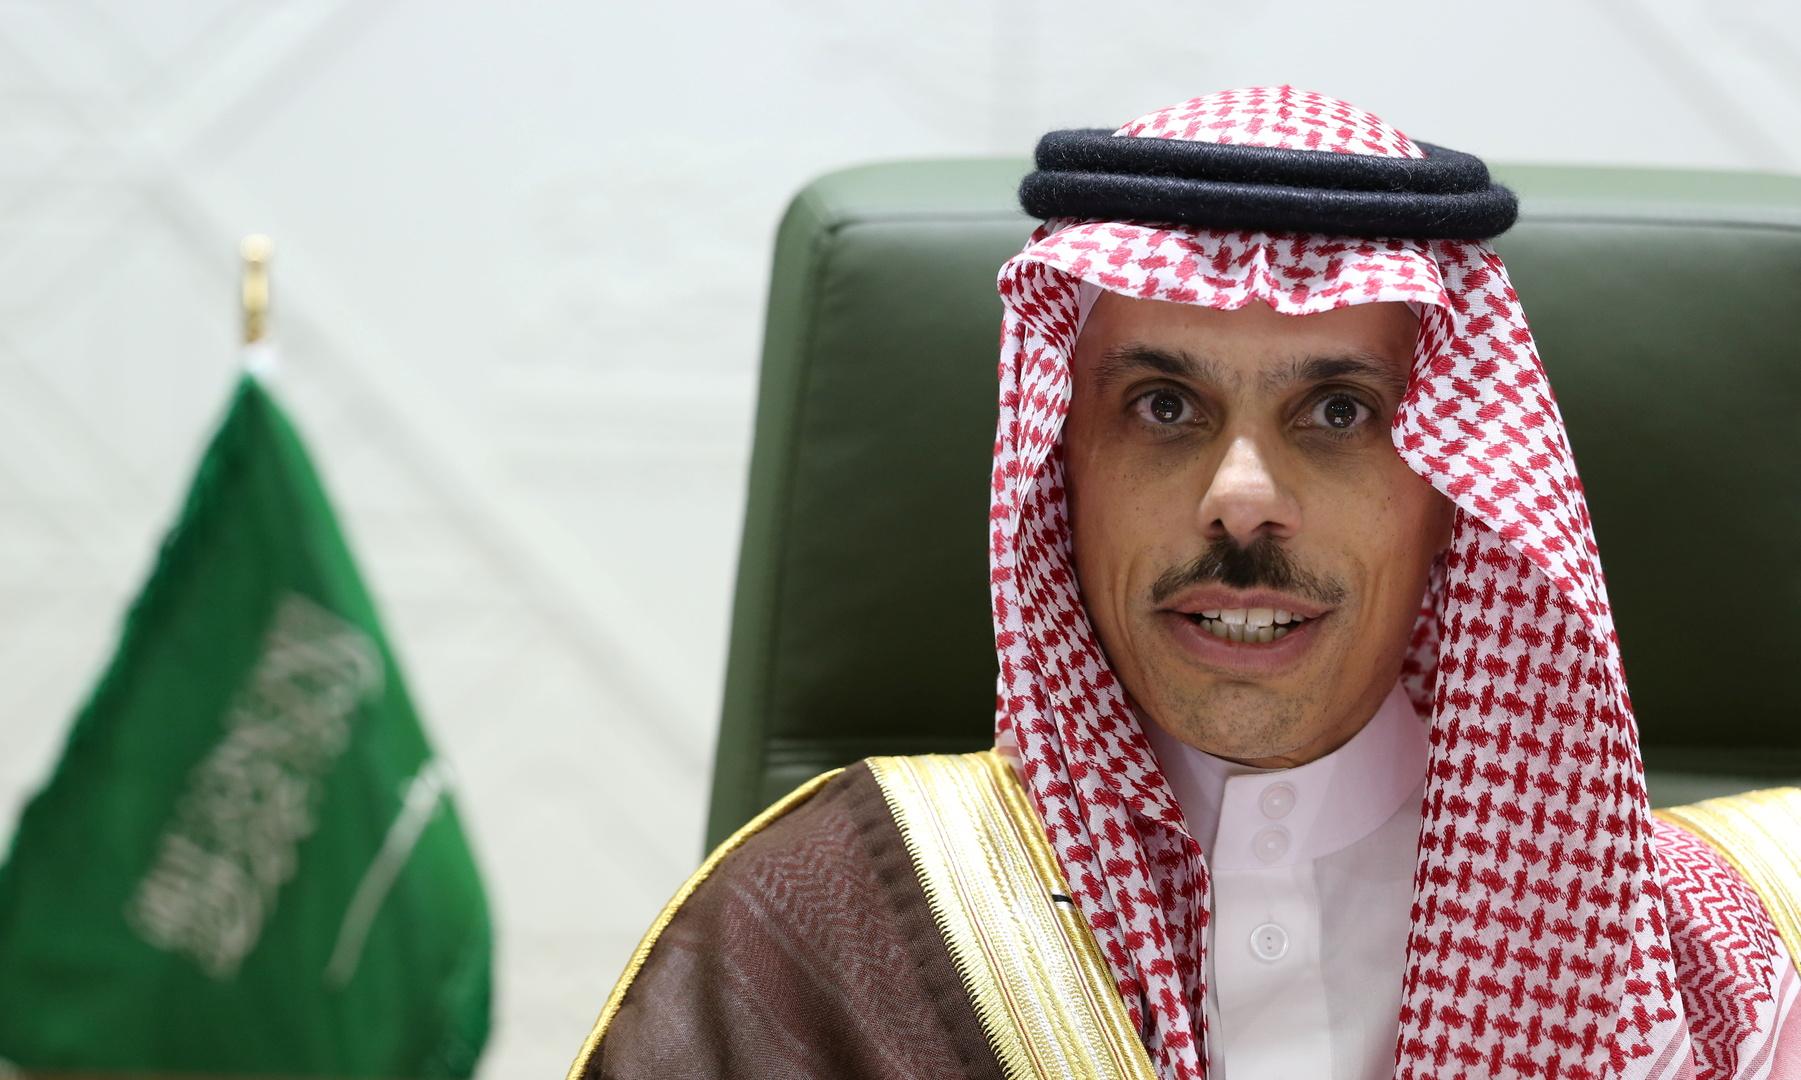 السعودية تعلق على المطالب الإماراتية بإنهاء